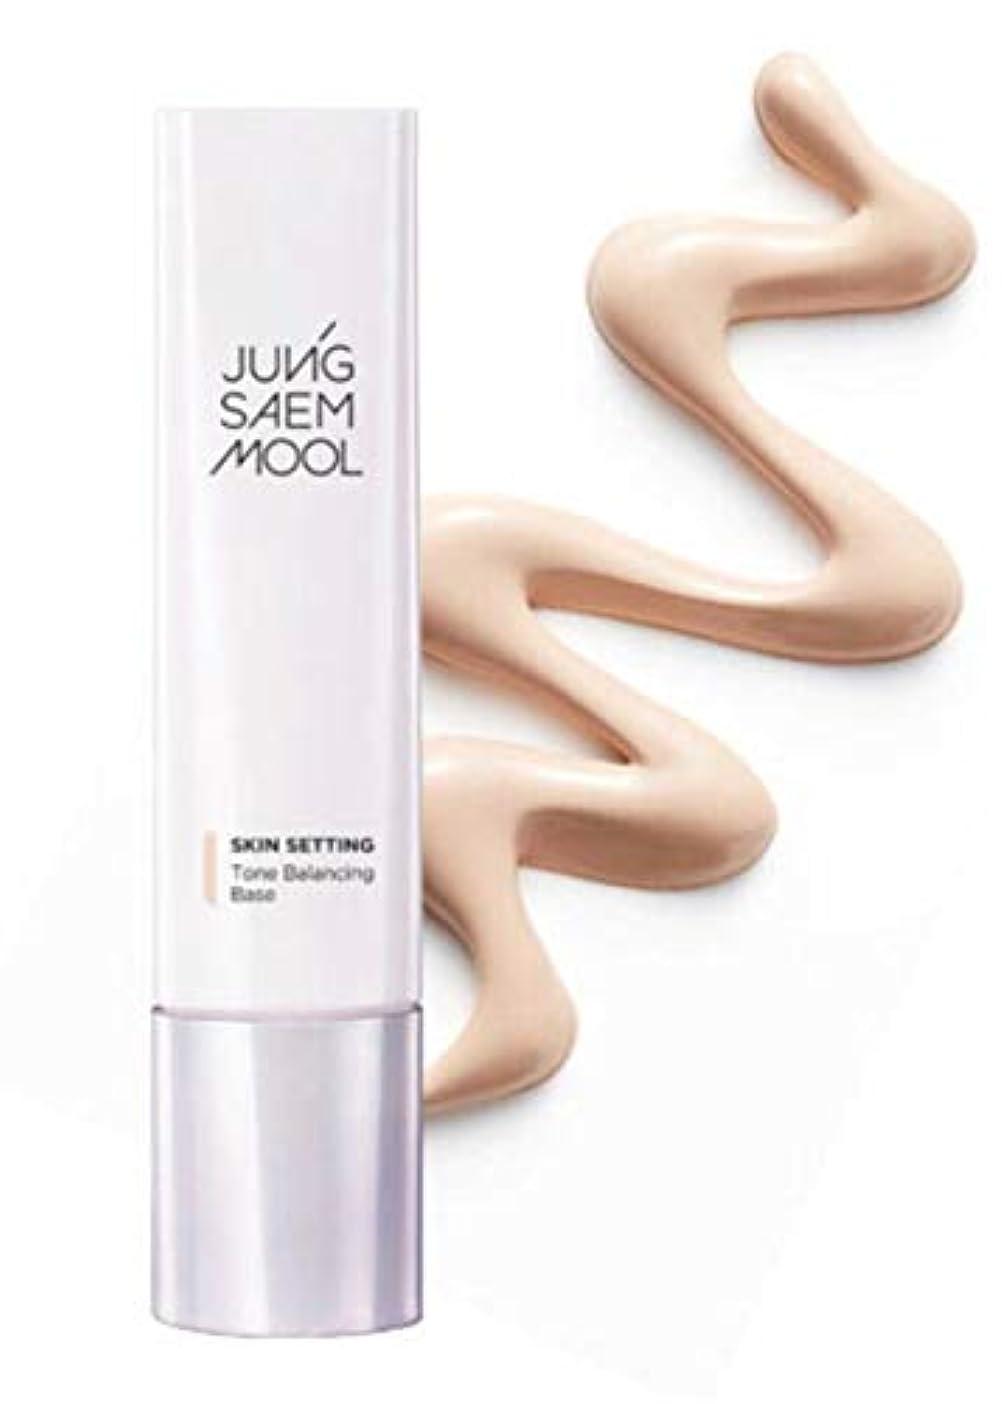 雨くしゃくしゃ餌[JUNG SAEM MOOL] Skin Setting Tone Balancing Base 40ml / ジョンセンムル スキン セッティング トーン バランシング ベース [並行輸入品]